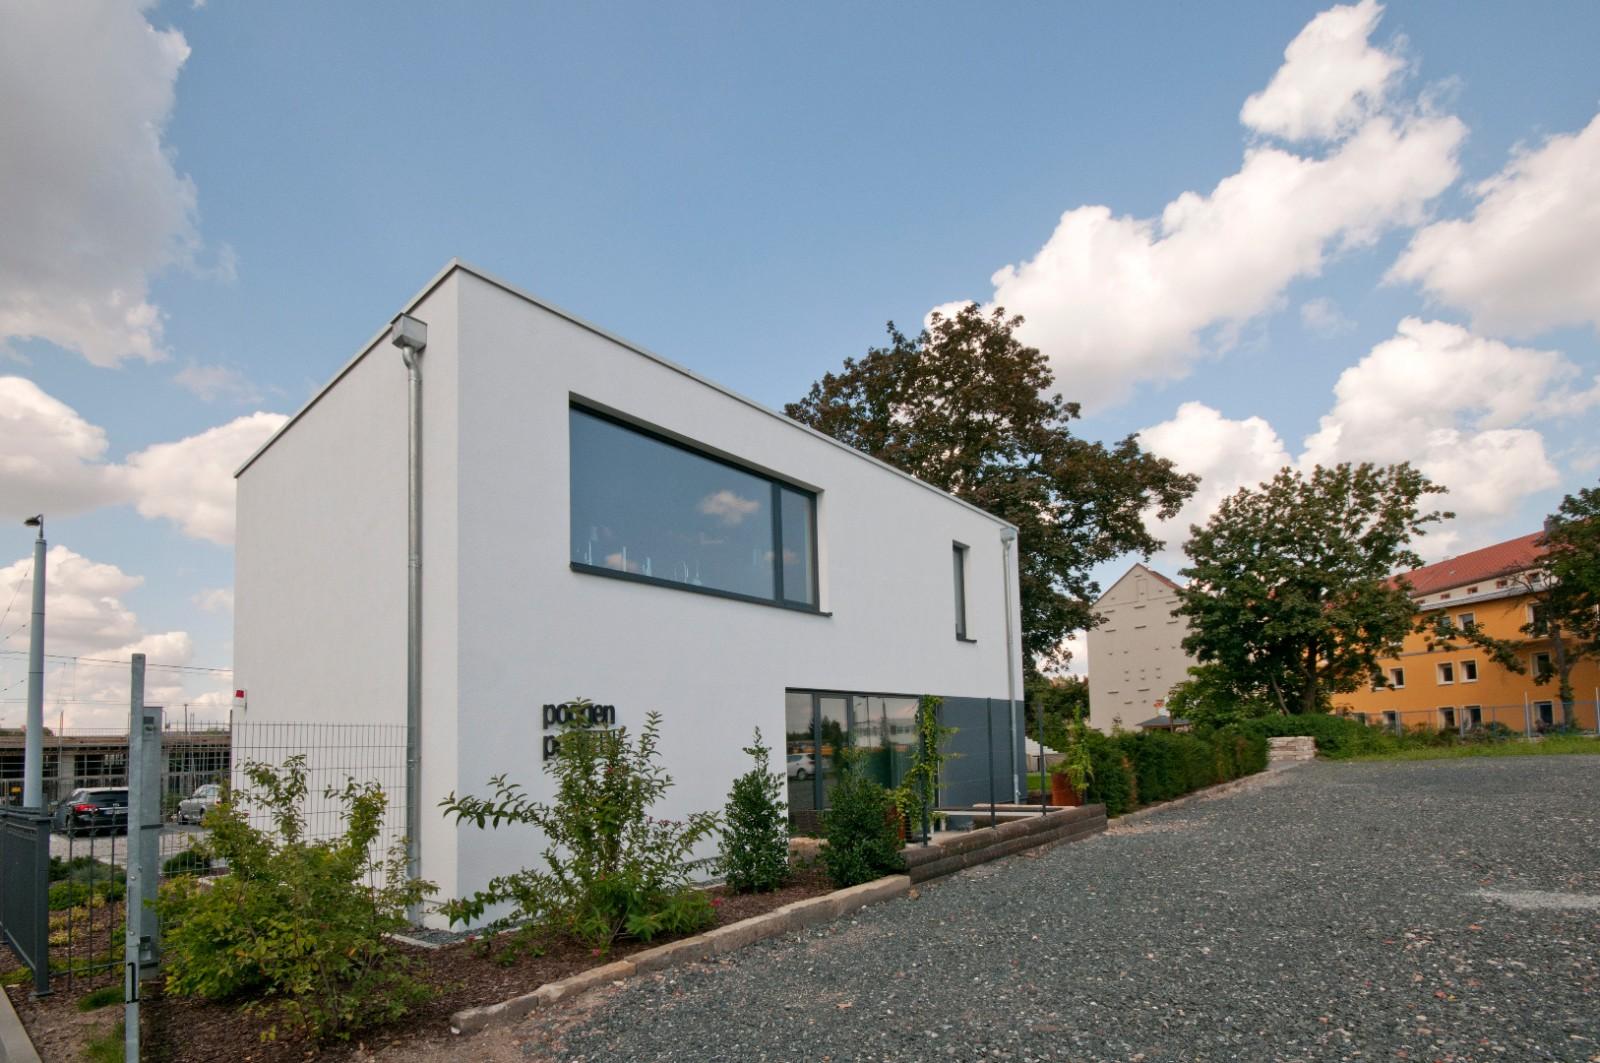 Villa und Trafogebäude   Seidel+Architekten